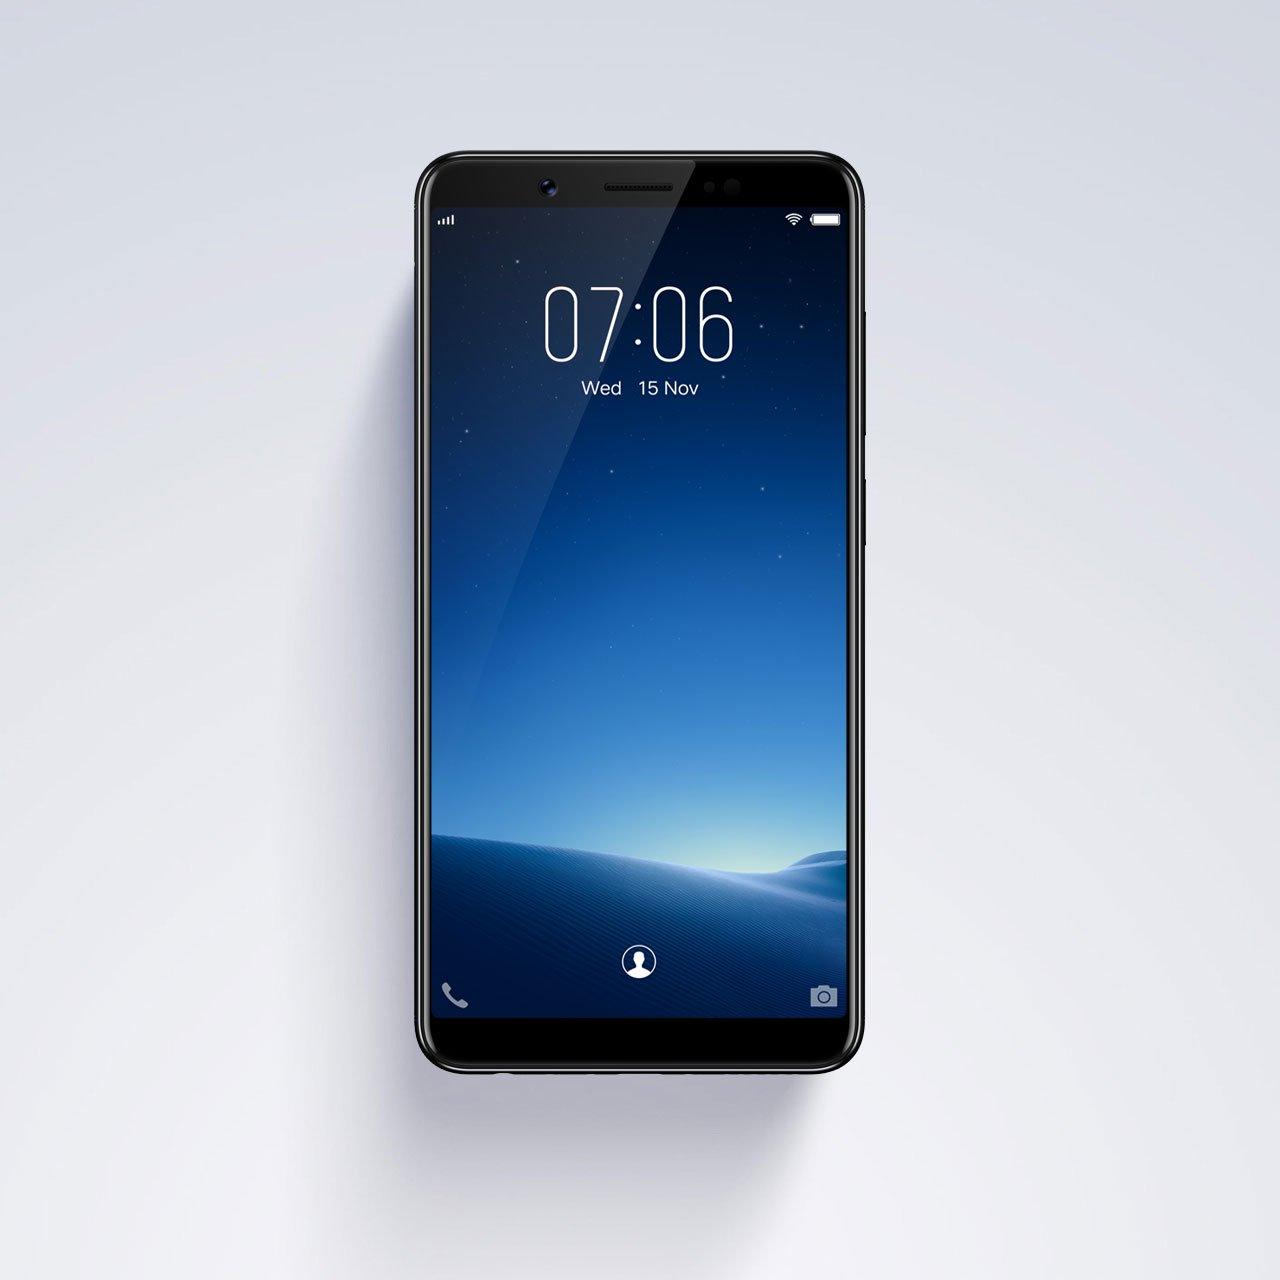 Vivo chính thức ra mắt V7: màn hình FullView, camera selfie 24MP hình 4